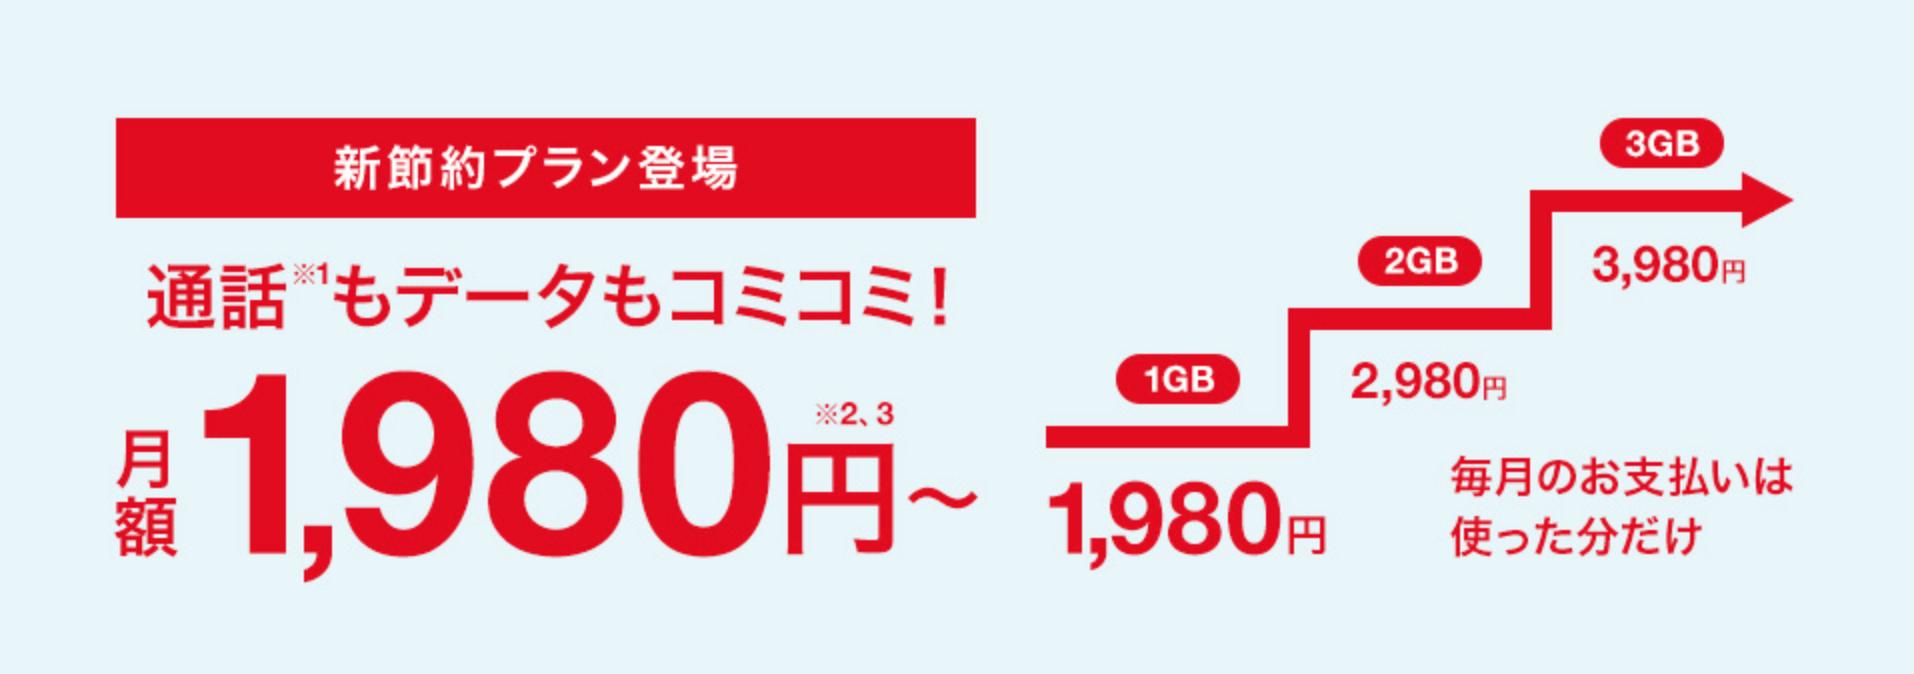 ソフトバンク版docomo with?「おてがるプラン」のポイントと注意点・料金解説